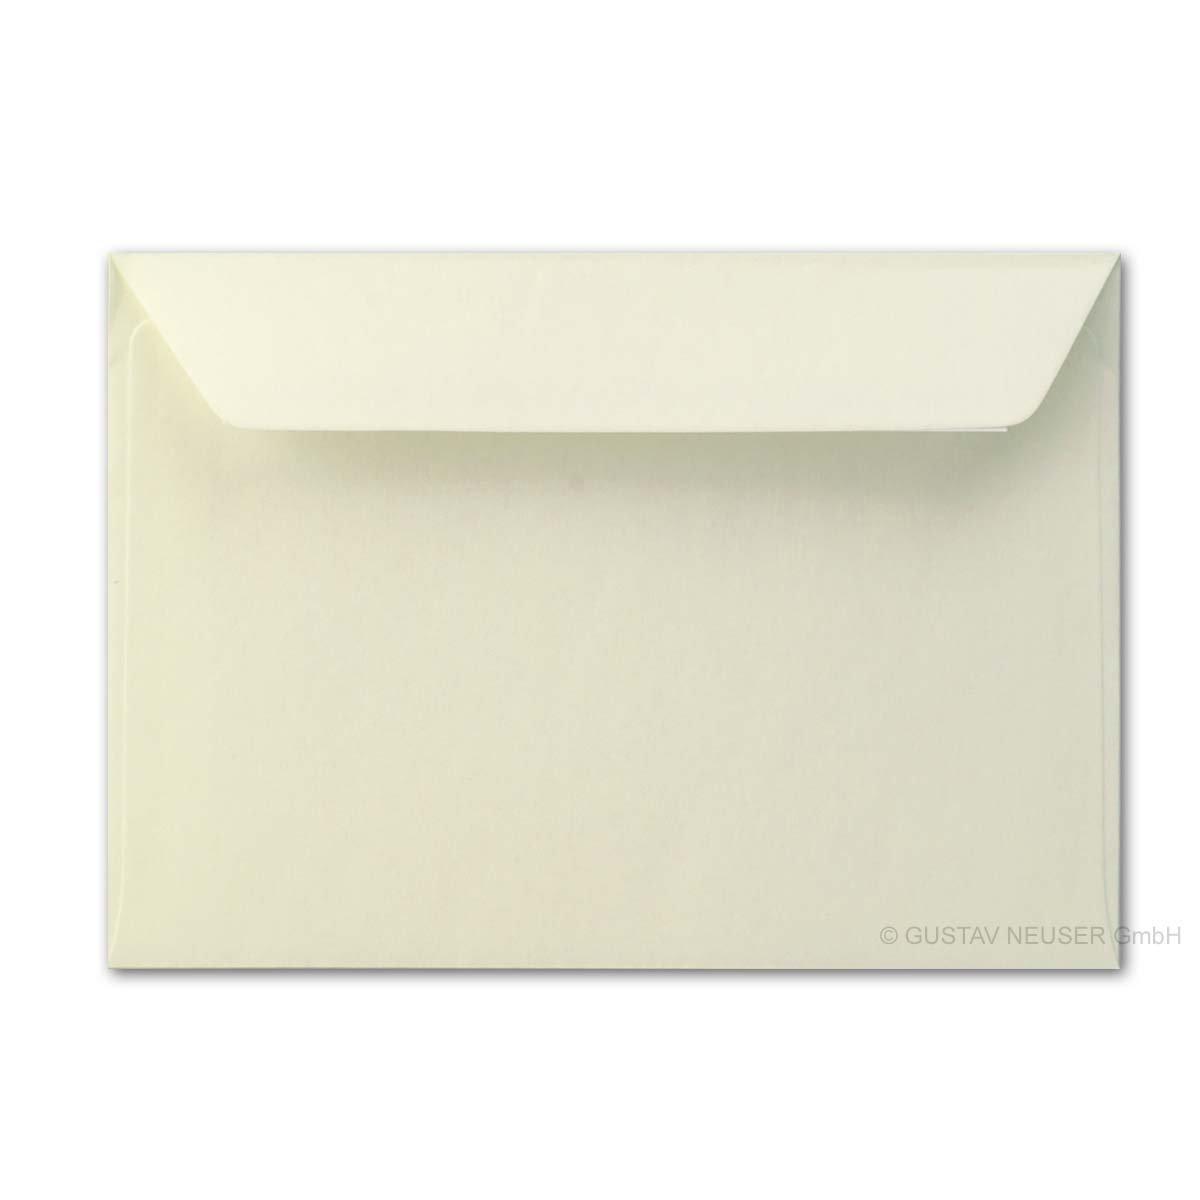 Buste formato DIN B6//12 x 18 cm//con lembo adesivo, panna 90 g/m² //Neuser. 50 Umschlä ge crema panna 90g/m²//Neuser. 50 Umschläge crema